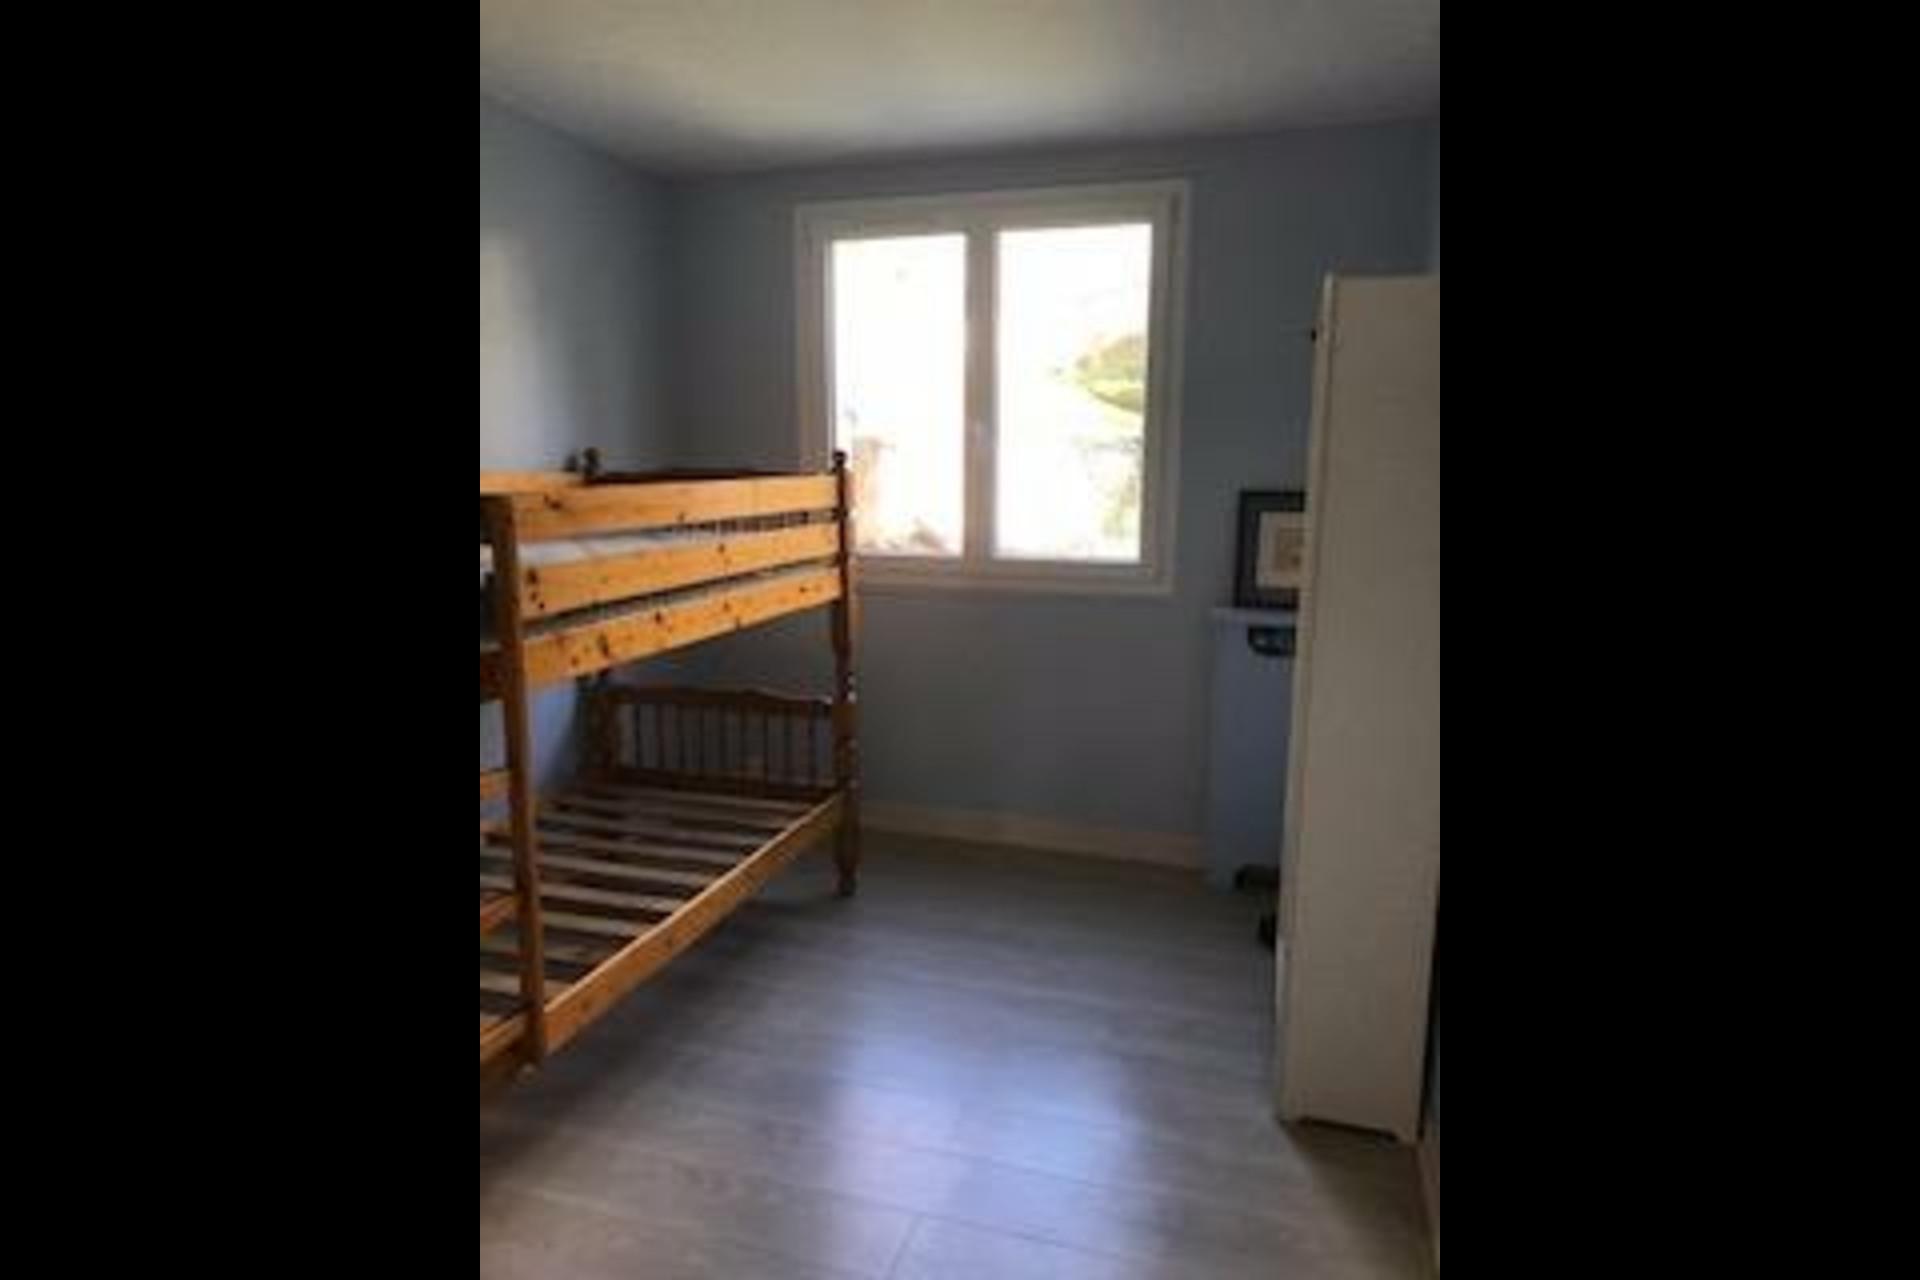 image 8 - Apartment For rent saint germain en laye - 3 rooms